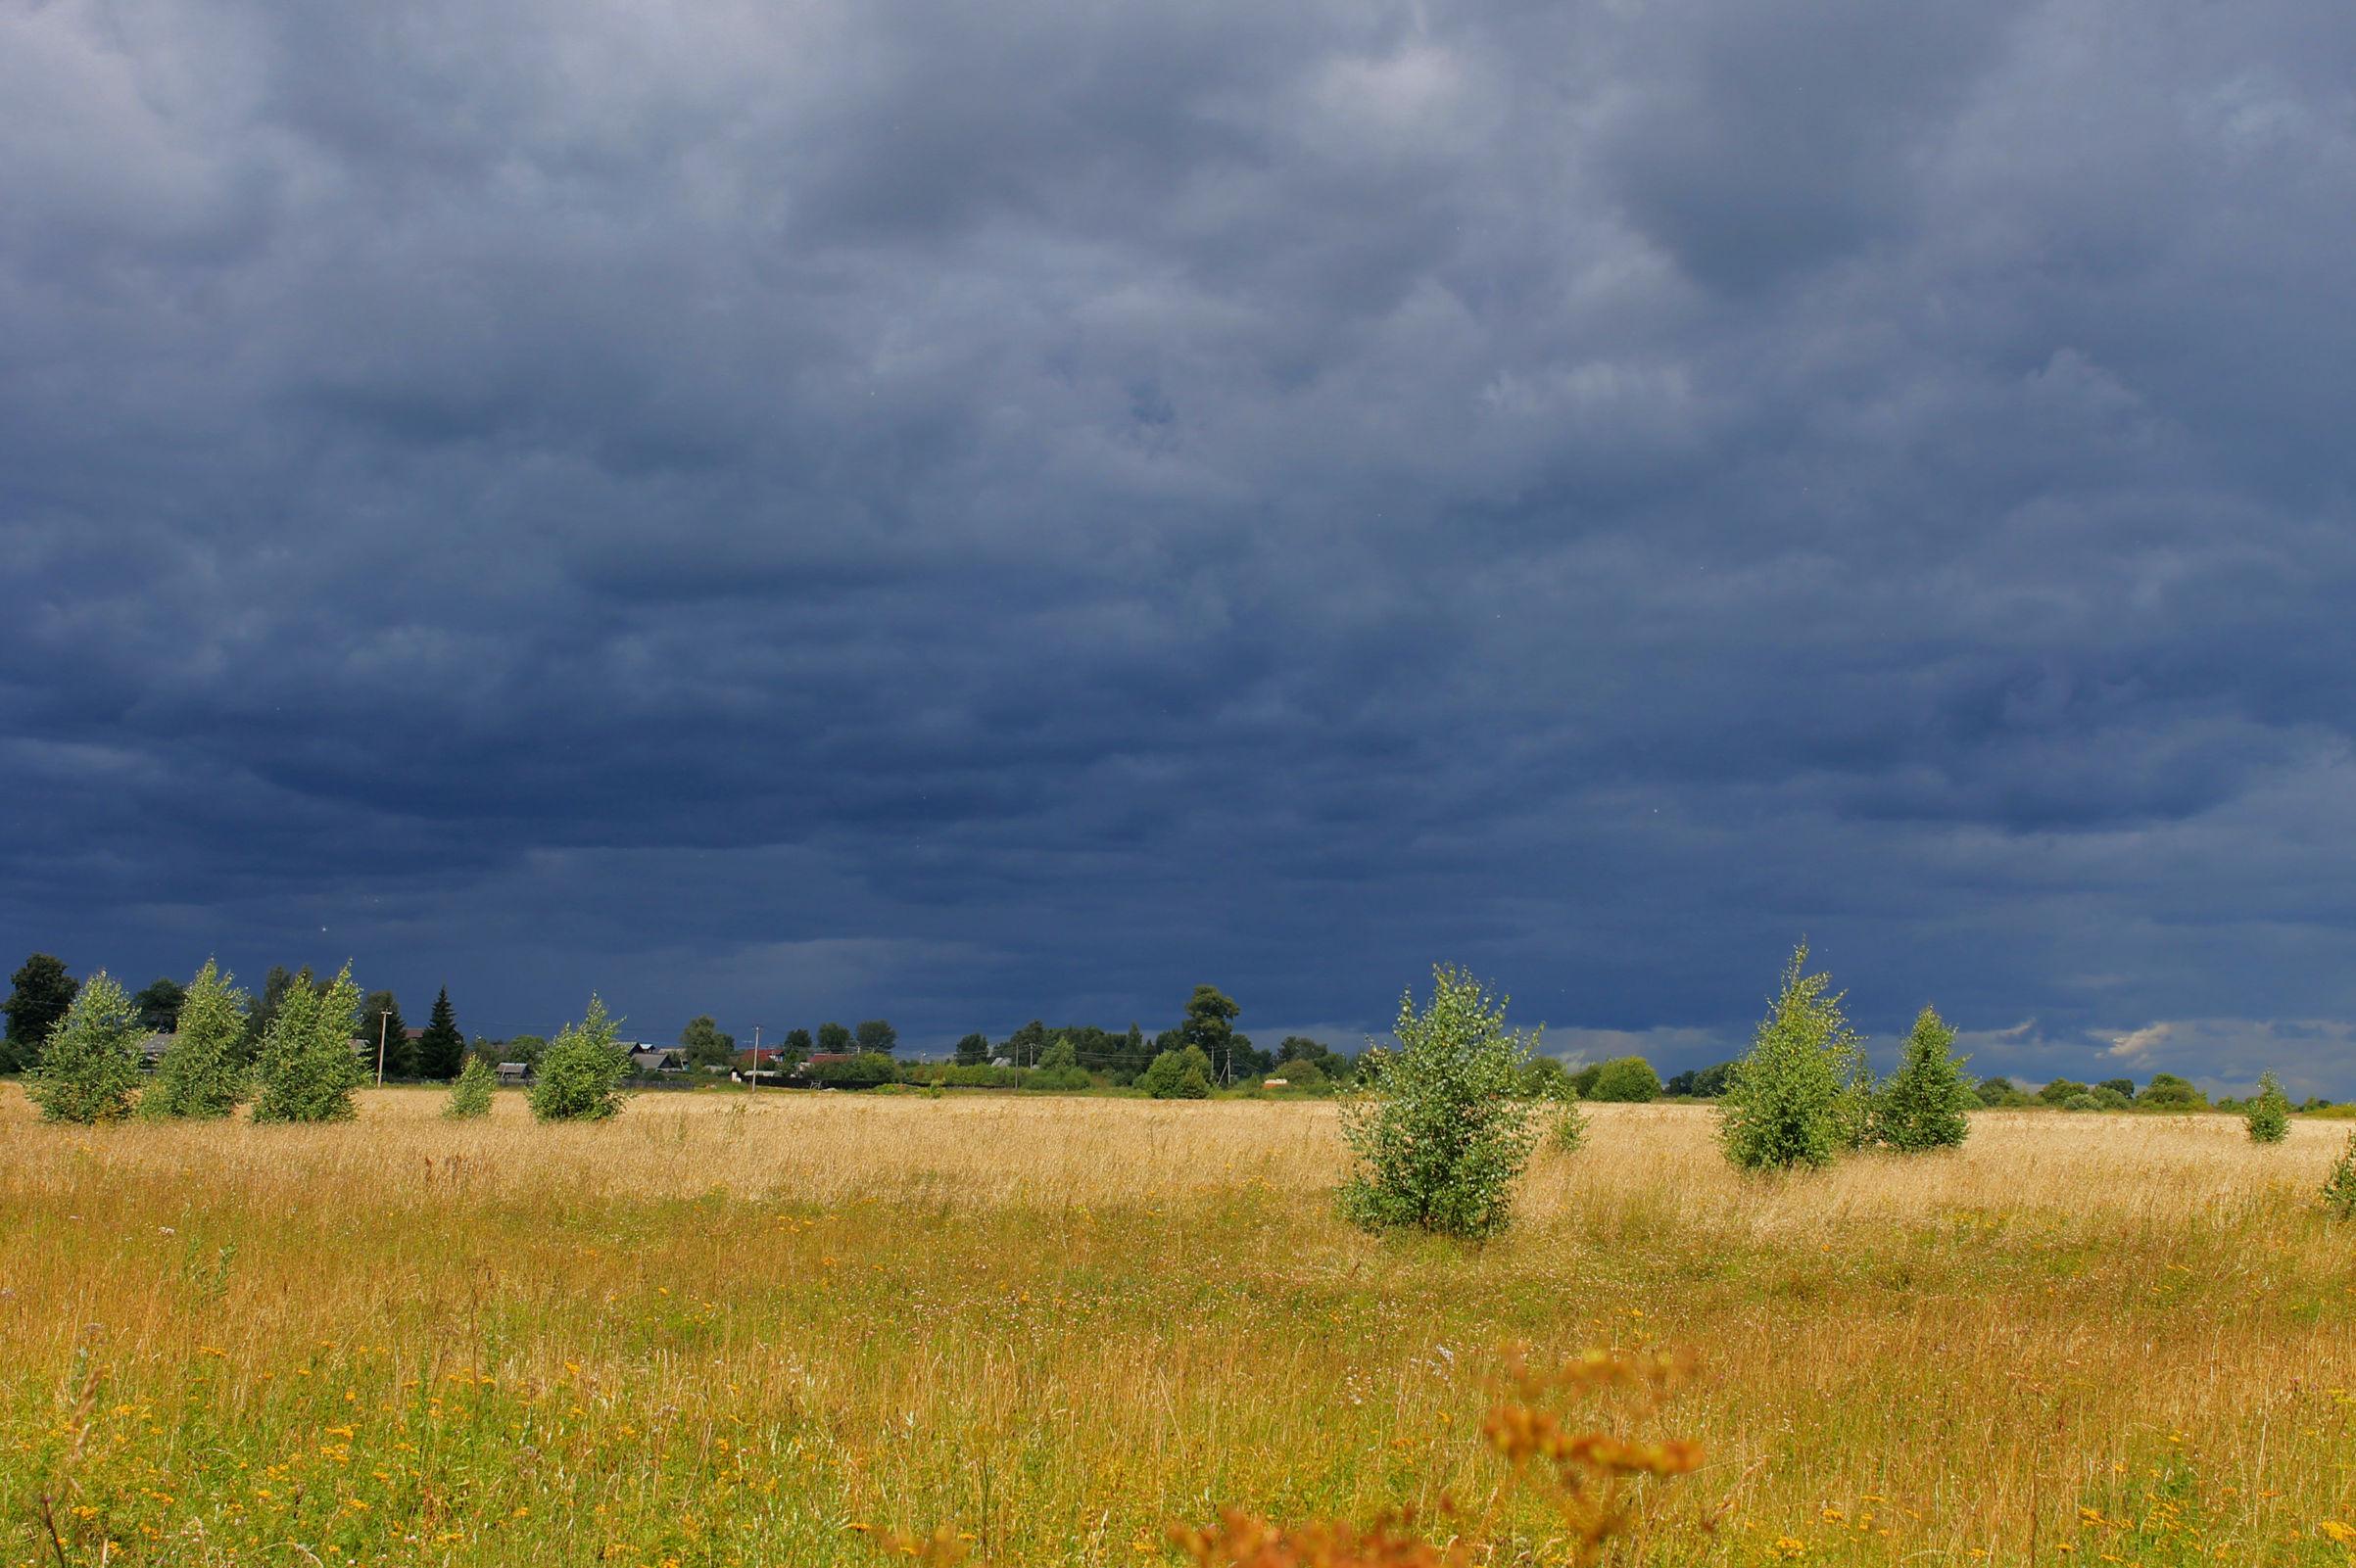 Началась метеорологическая осень: в Ярославской области усилится ветер, пройдут дожди